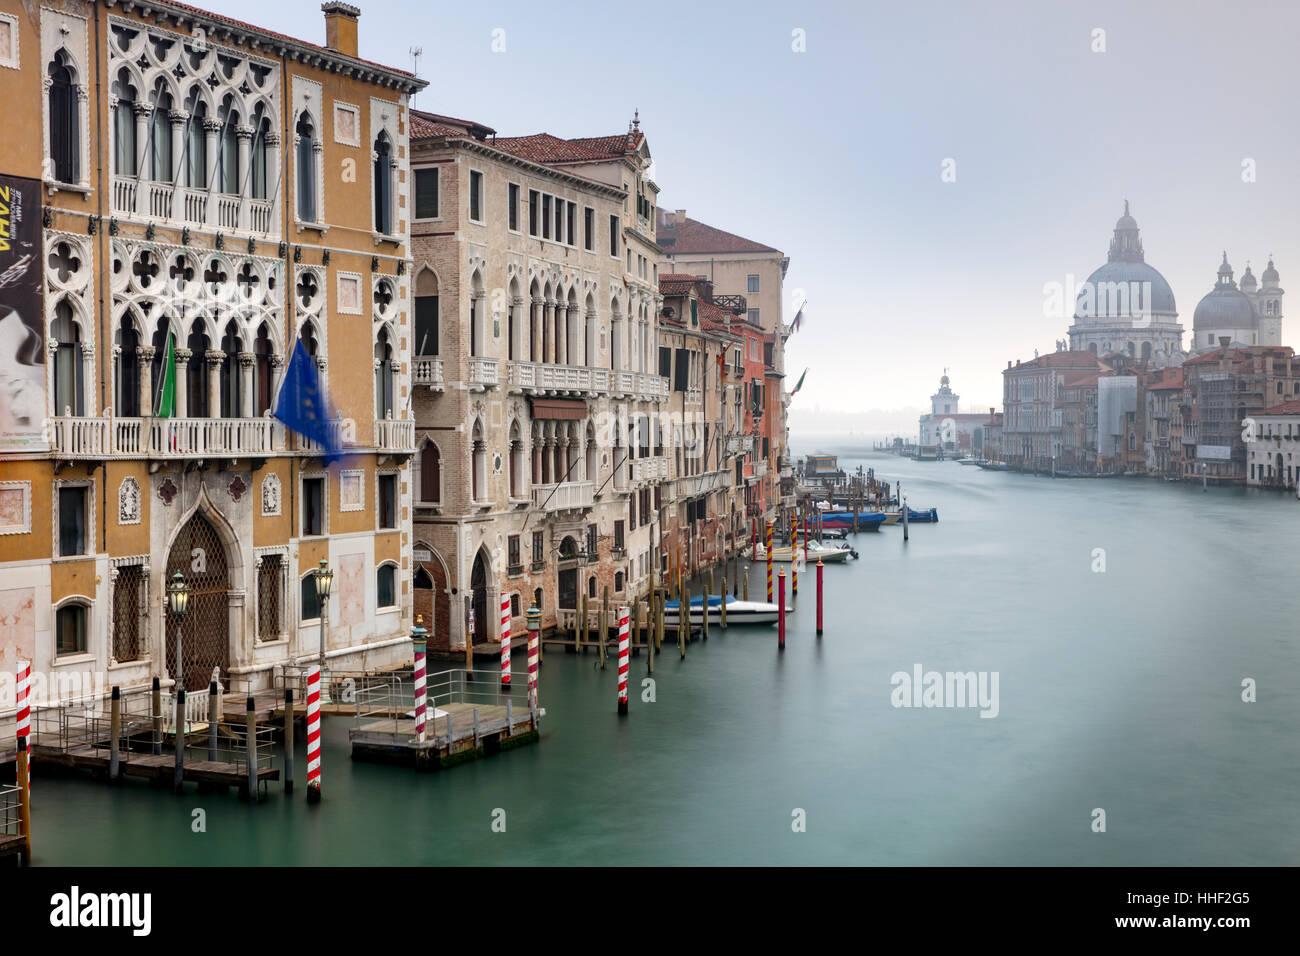 Misty sur le Canal Grande, Santa Maria della Salute et bâtiments de Venise, Vénétie, Italie Photo Stock